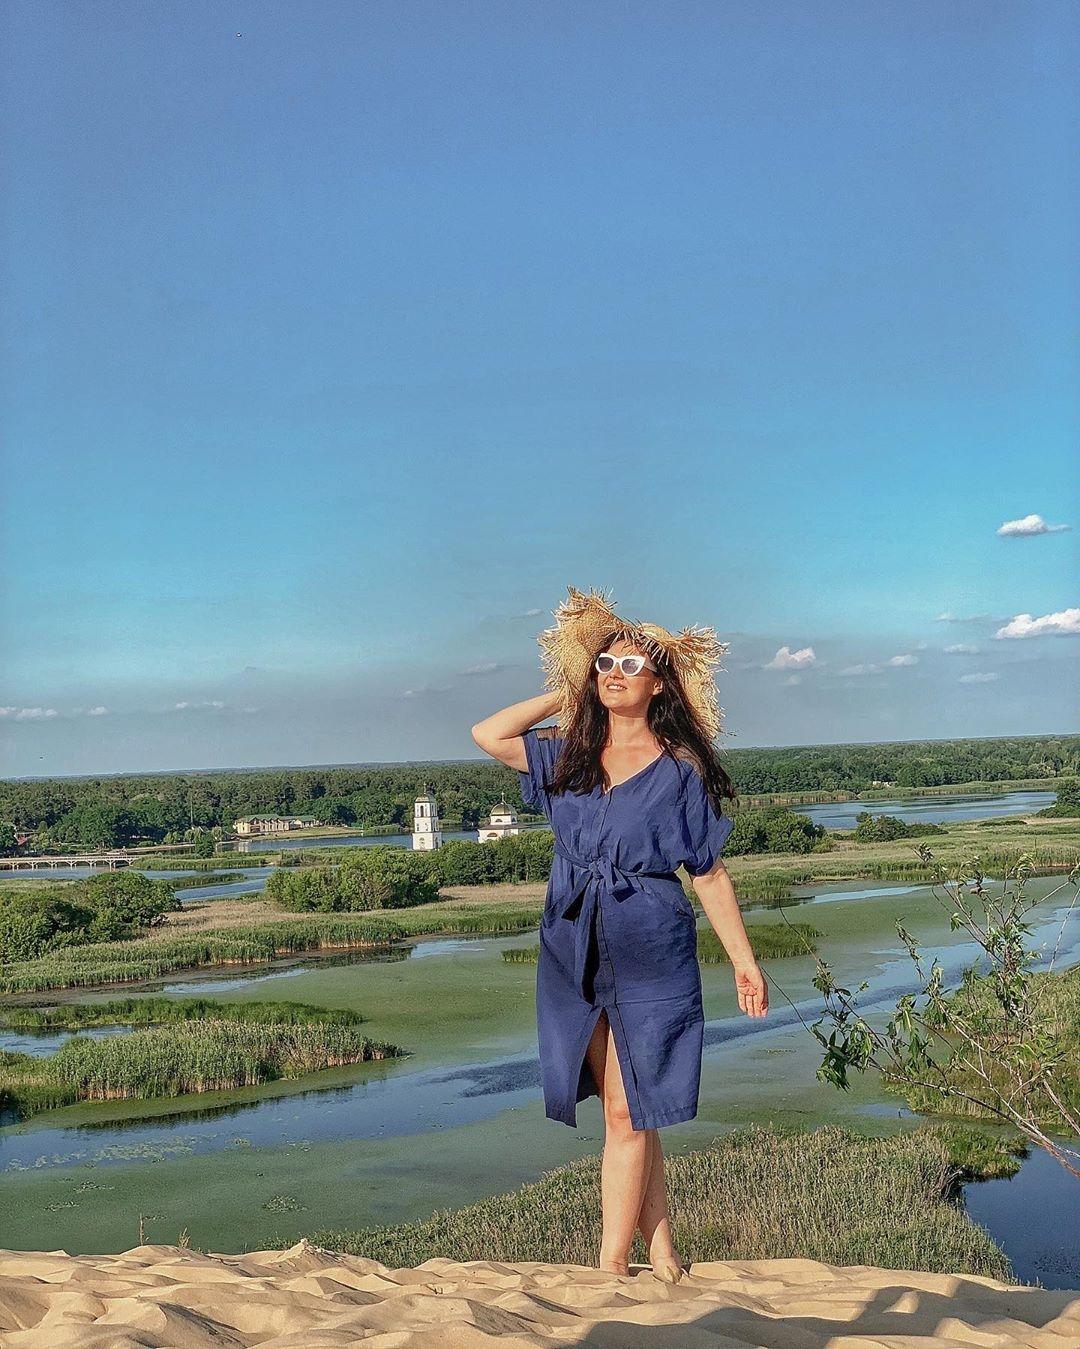 Известные украинские телеведущие в проекте бренда SOLHрассказали, как карантин повлиял на их жизнь - фото №4